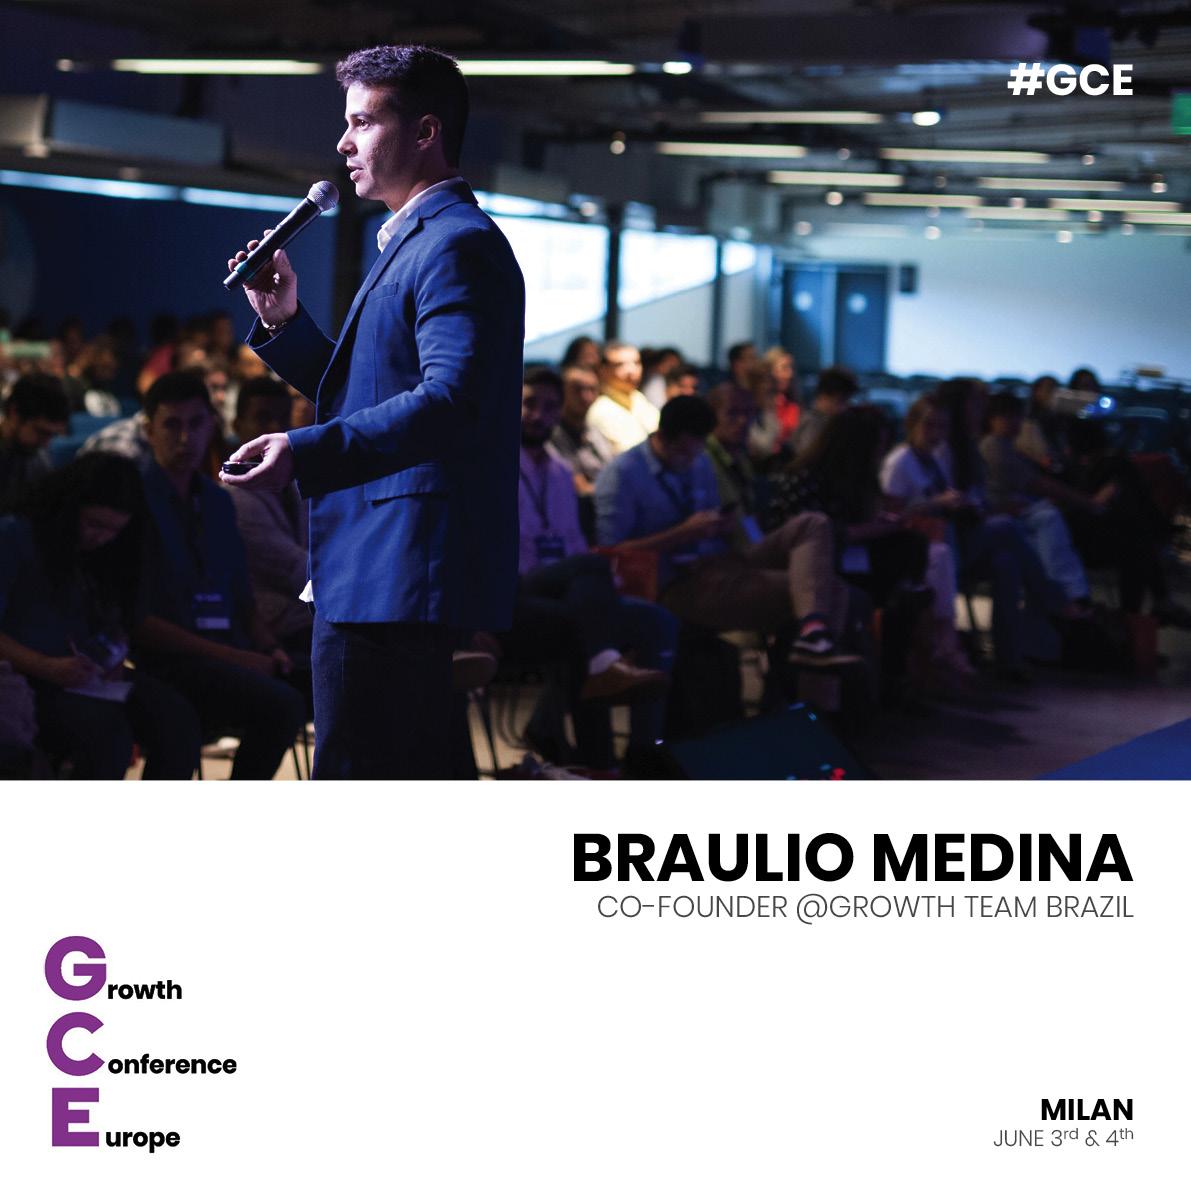 GCE_speaker12.jpg